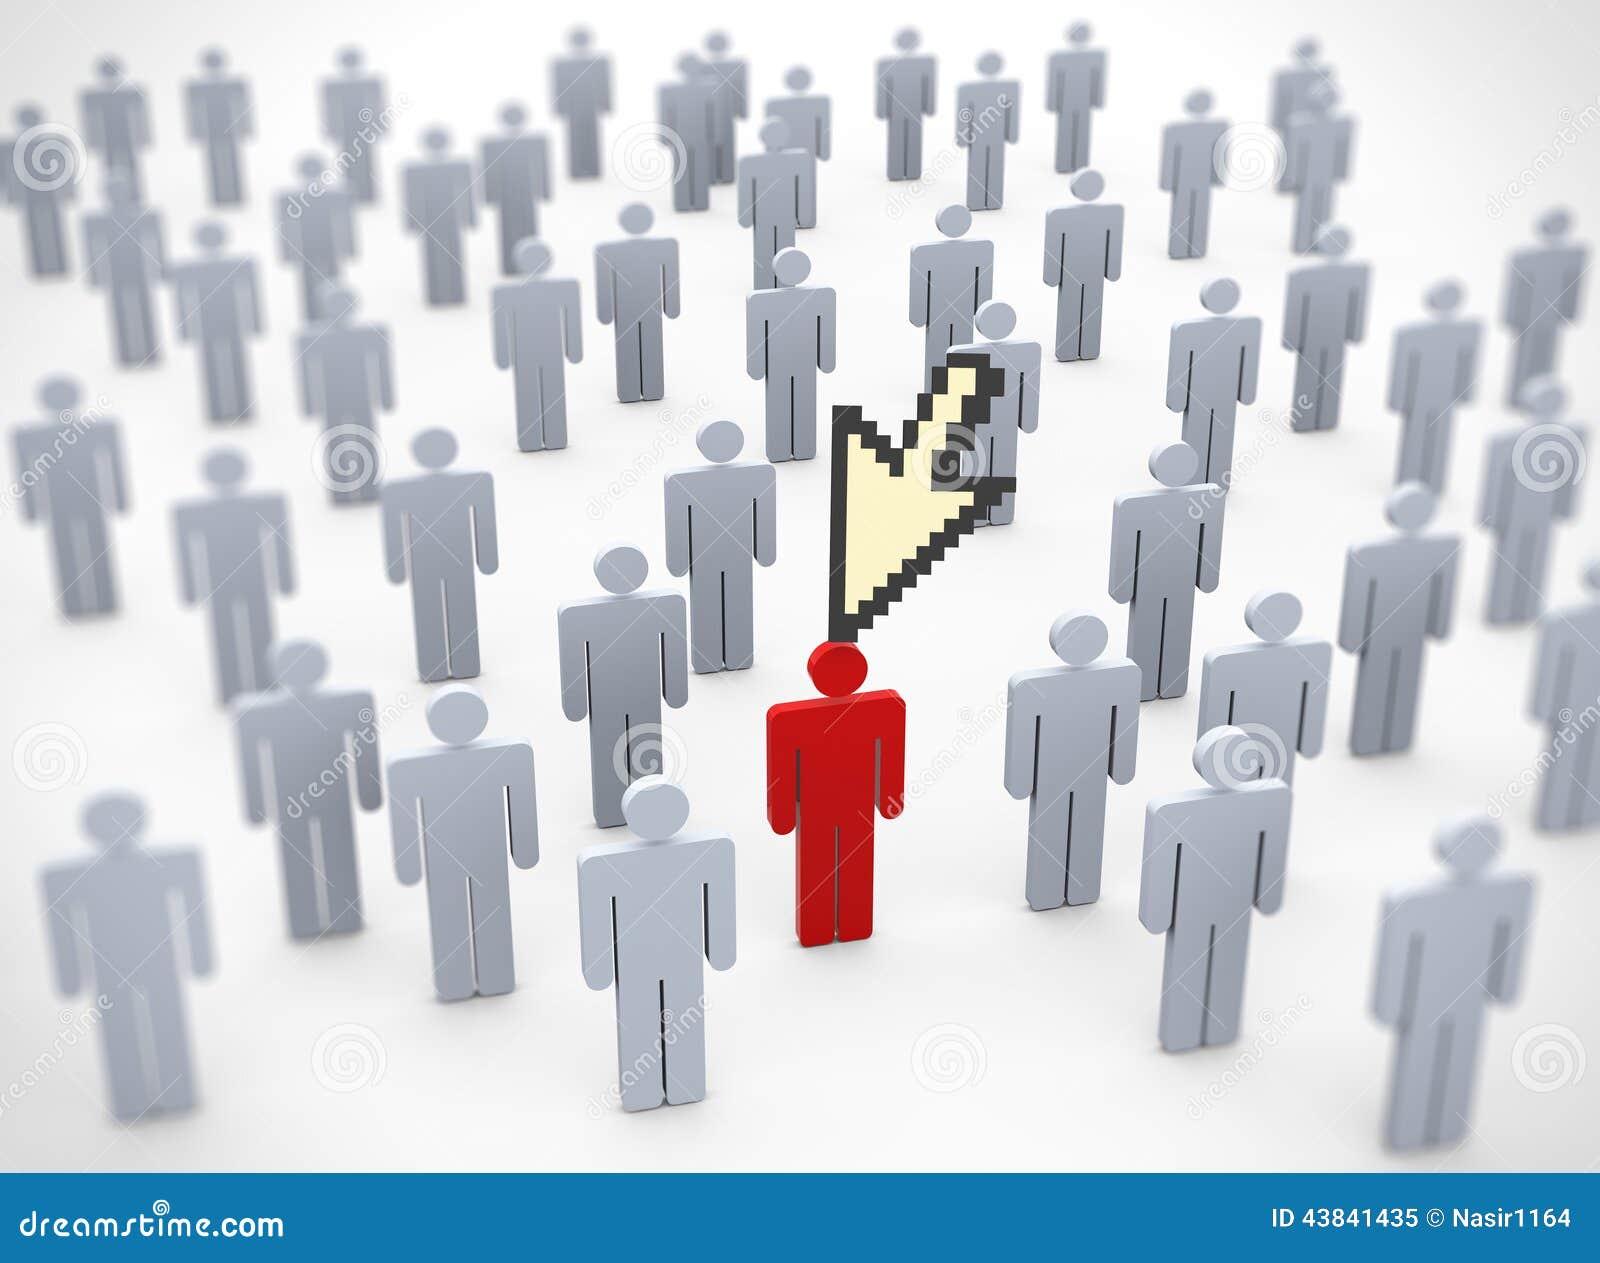 to unique red person in Unique Person In A Crowd